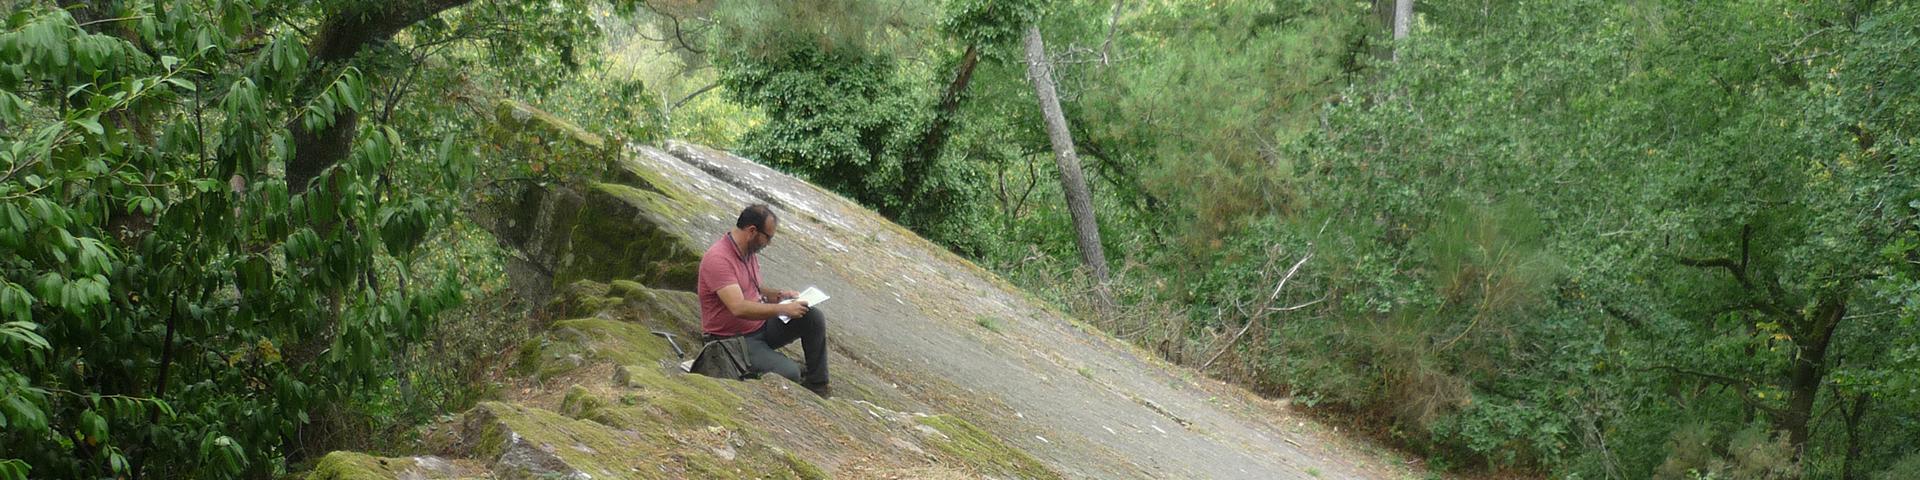 Campagne de levé géologique en forêt de Paimpont, Morbihan